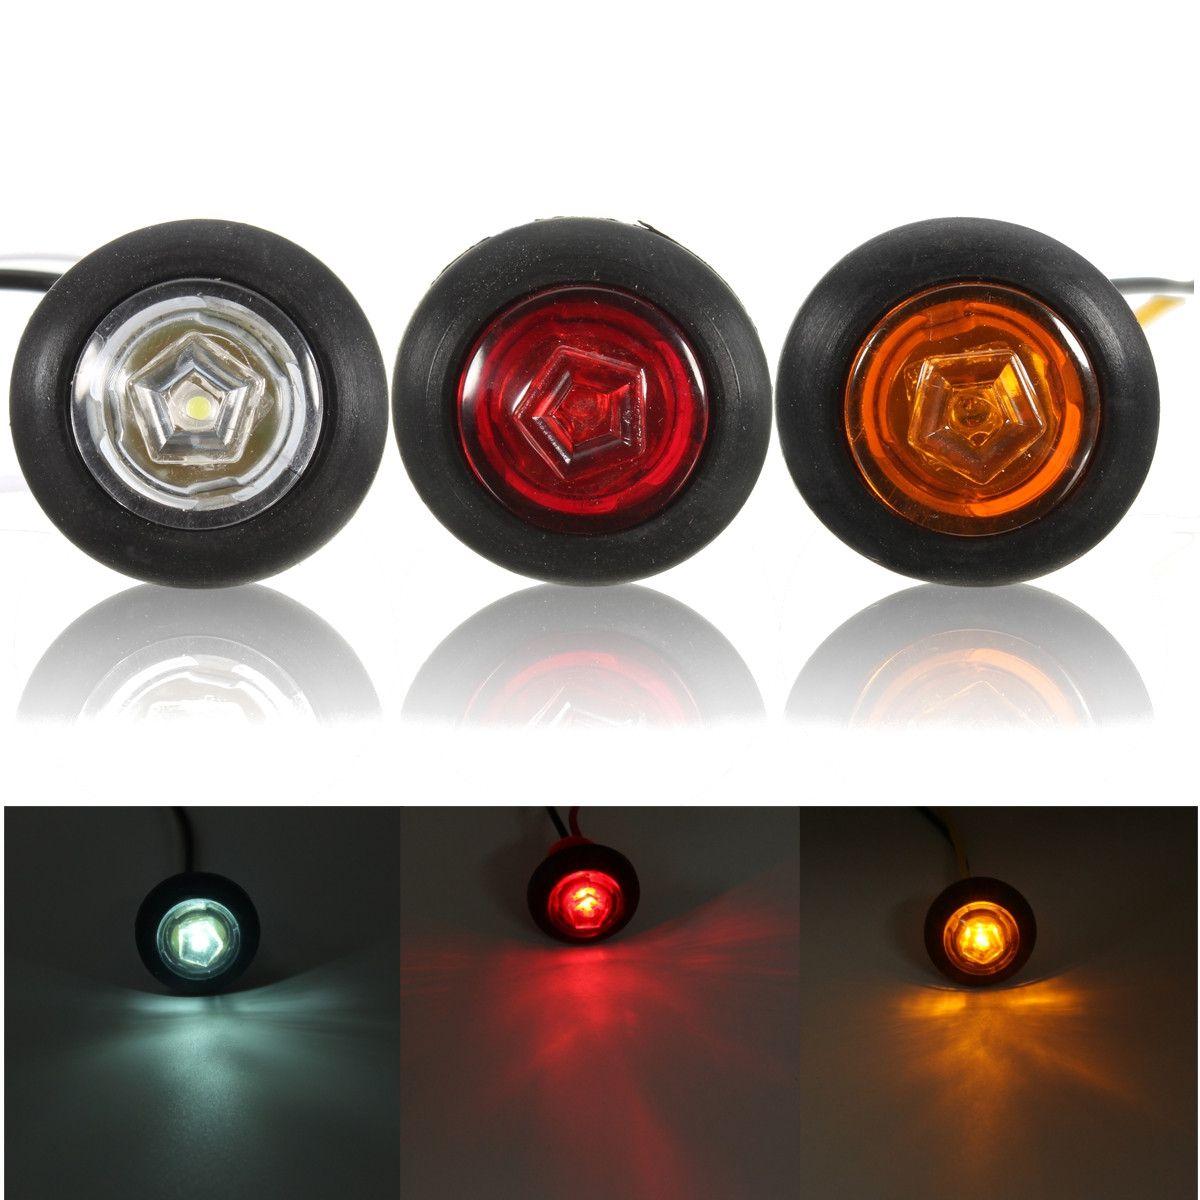 Universal Amber Red White Side Marker Light Led Lamp For 12v 24v Car Van Truck Trailer Led Lights Trucks Red And White